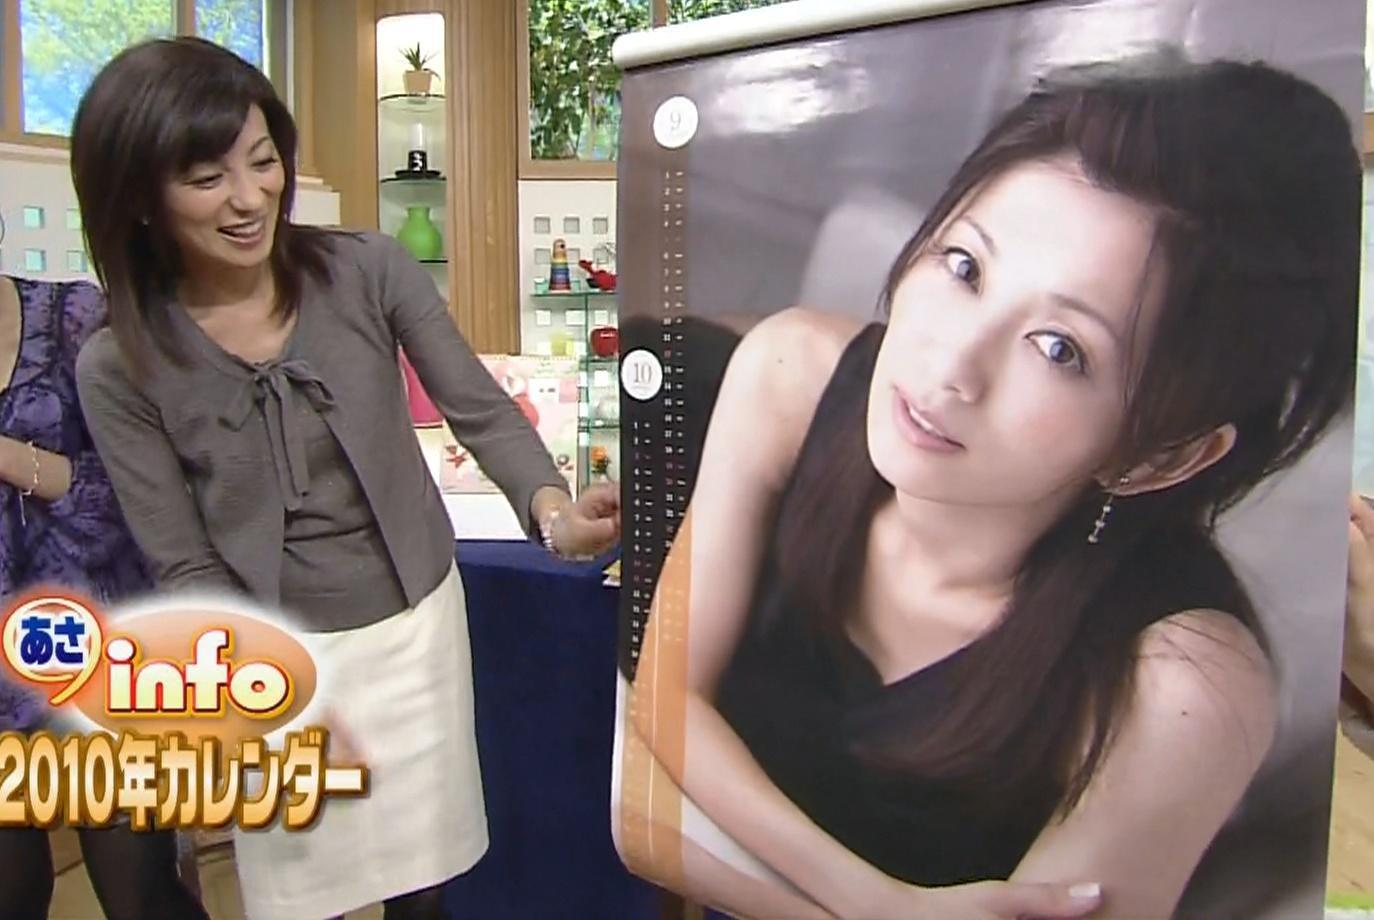 中田有紀 自分のカレンダーに照れるキャプ画像(エロ・アイコラ画像)